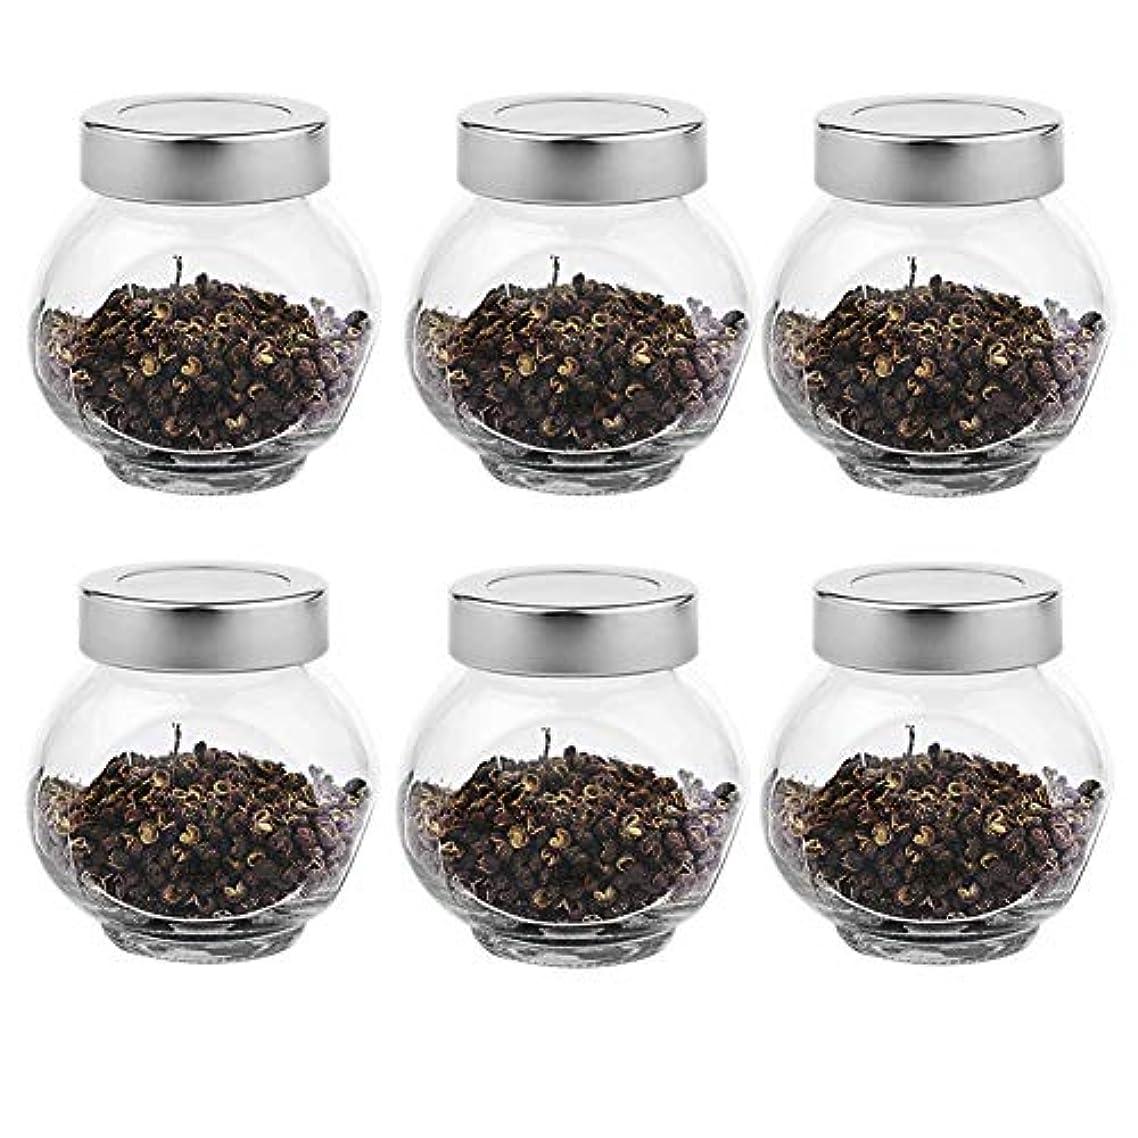 代表輝くオフ6つの透明ガラス貯蔵容器茶/季節密封缶(200 ml)の貯蔵ジャーパック